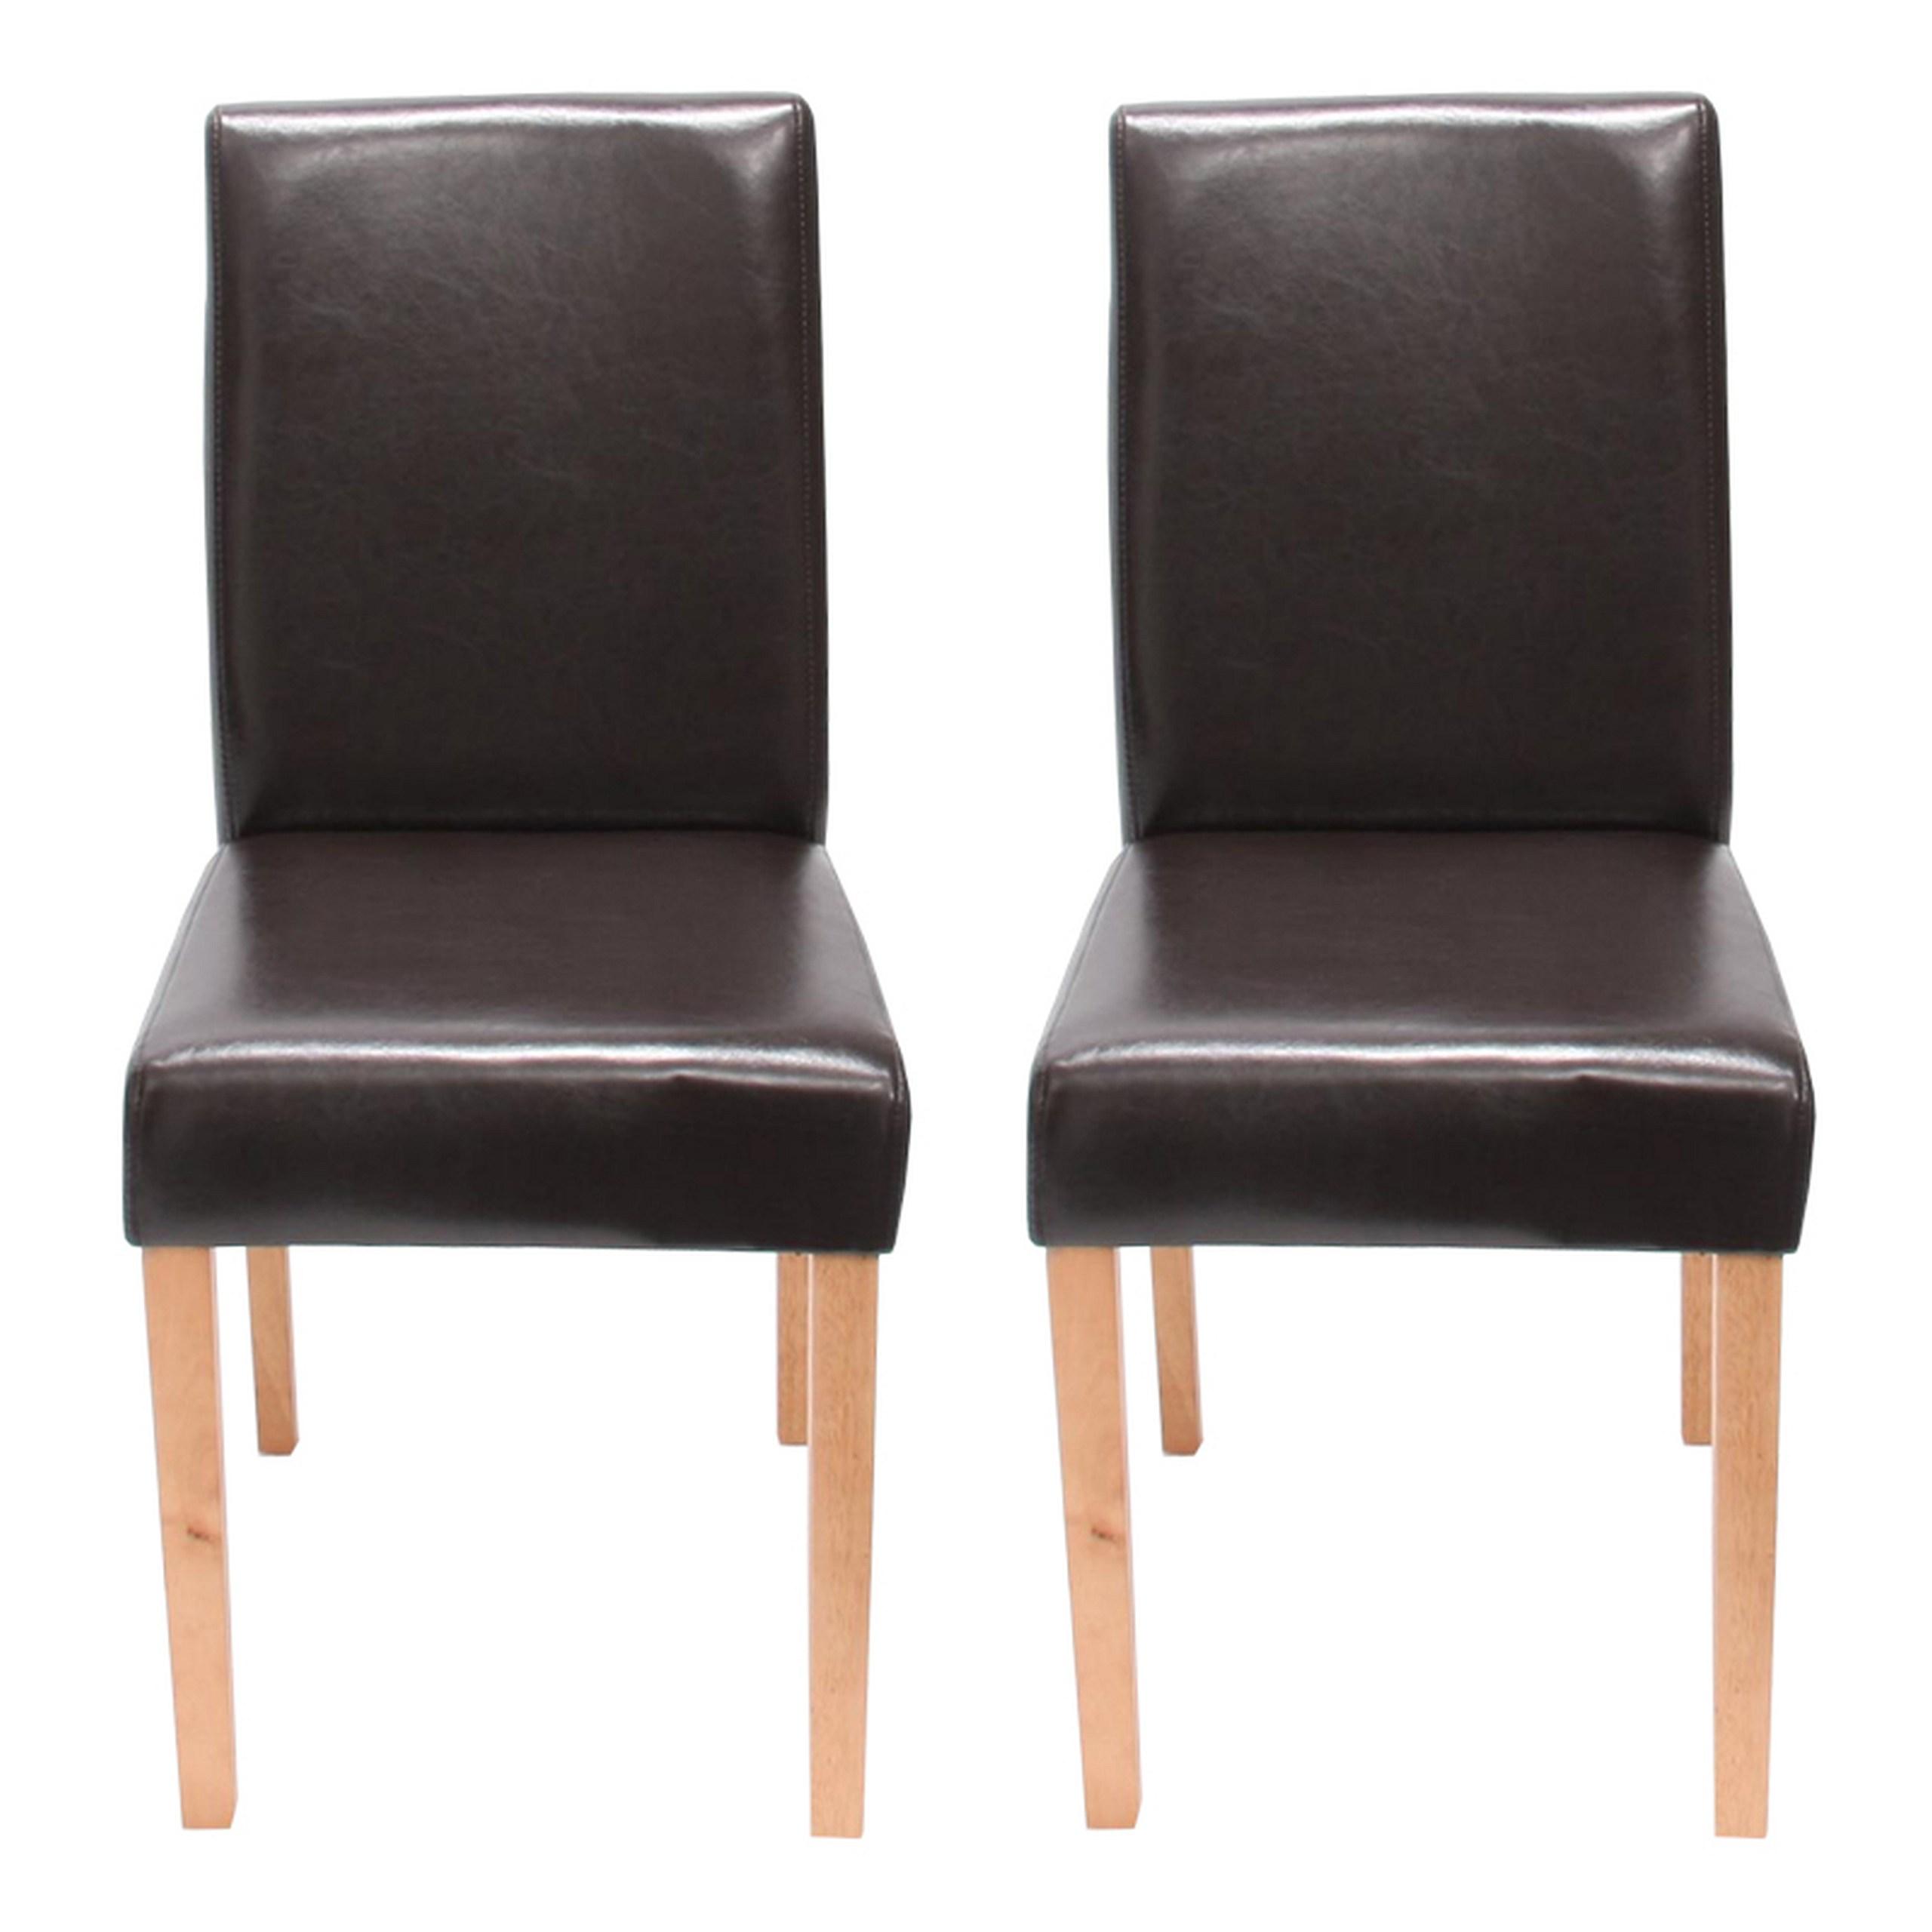 Stuhl 6x Littau LederBraunHelle Beine Küchenstuhl ~ Esszimmerstuhl qVpSzMU